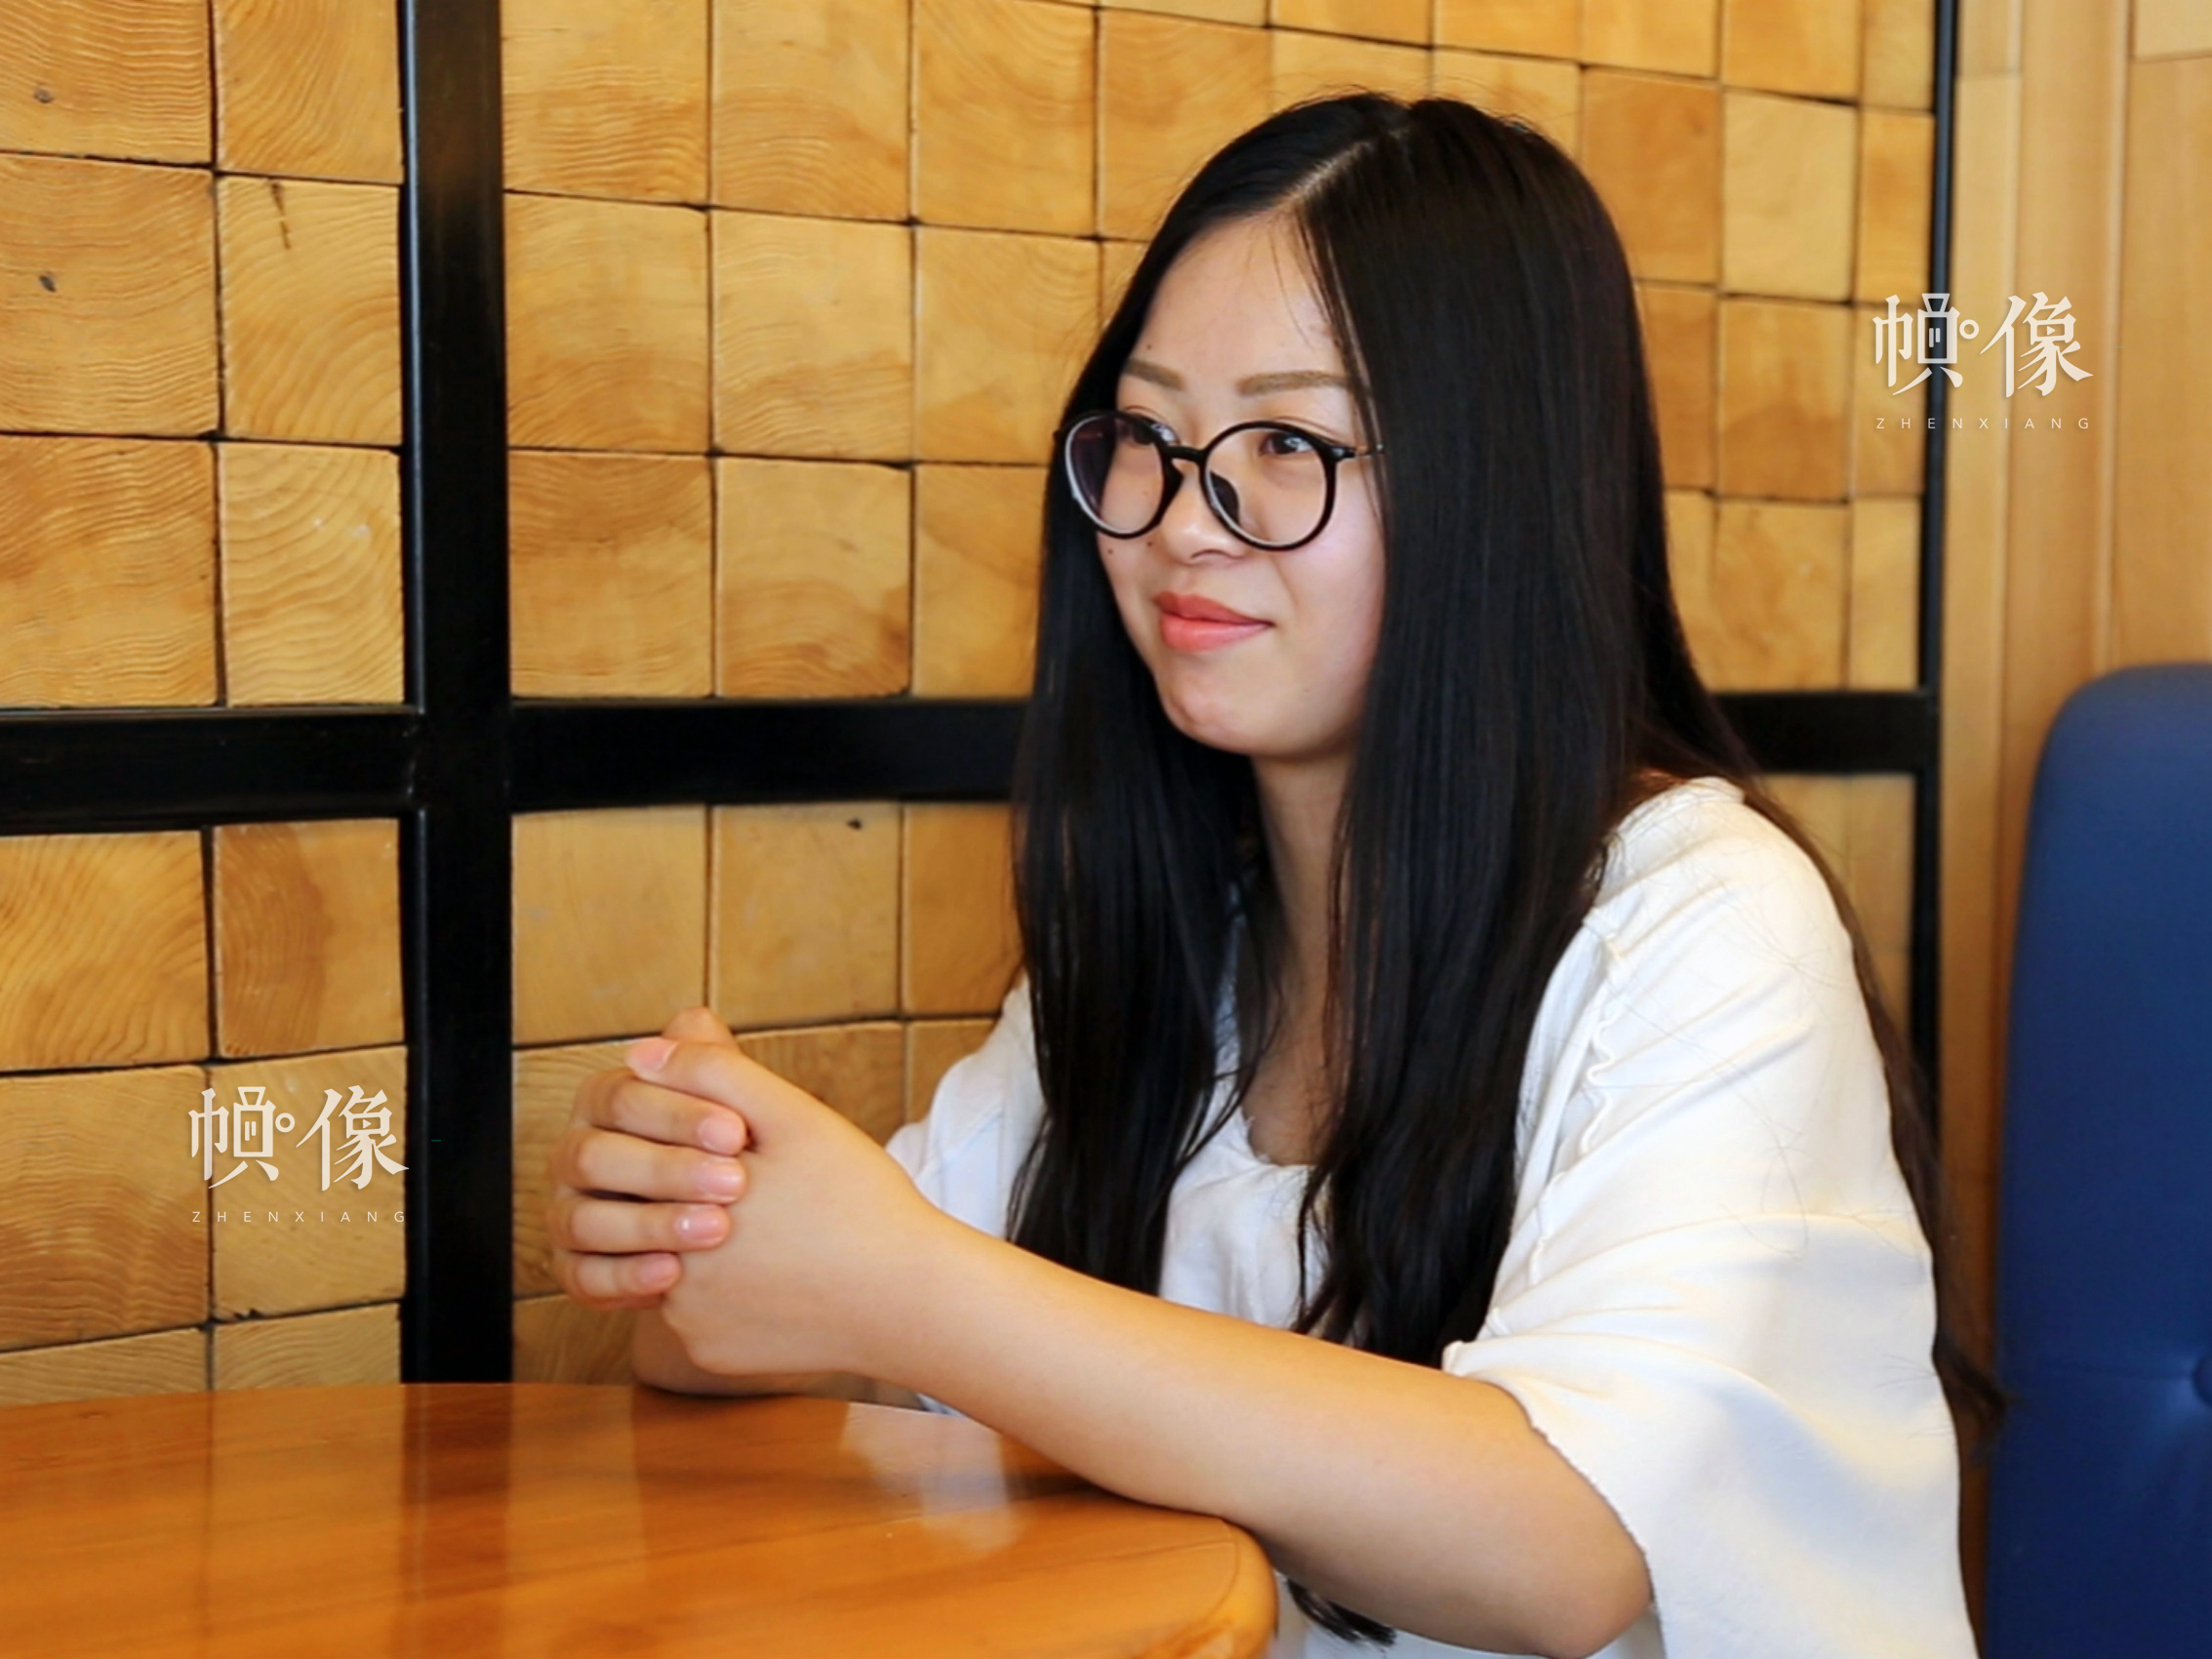 图为小敏接受采访。小敏毕业于衡水二中,在2015年参加高考。中国网实习记者 张敏 摄